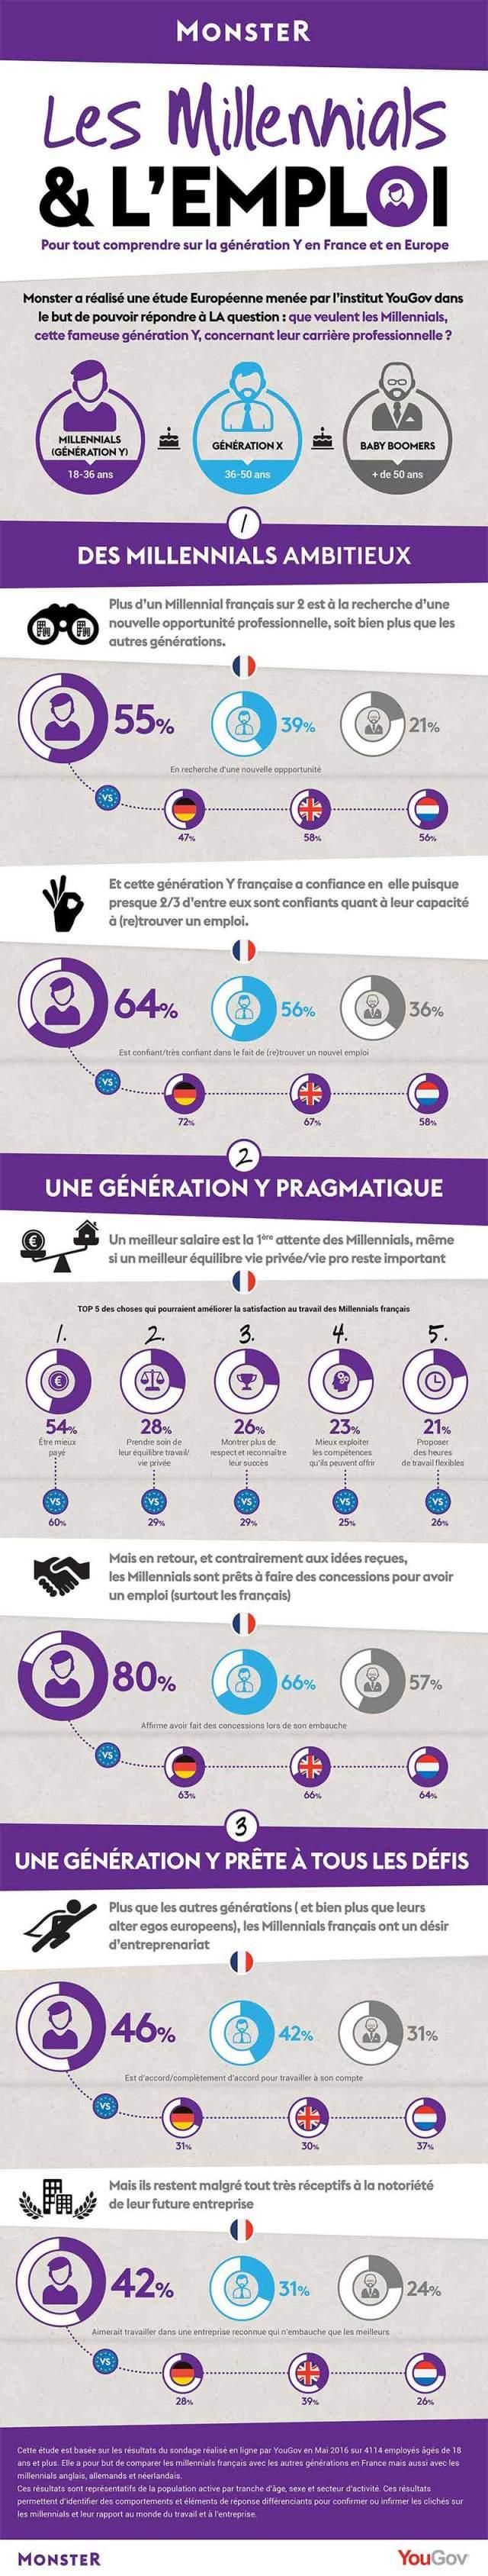 Infographie les millennials et l'emploi